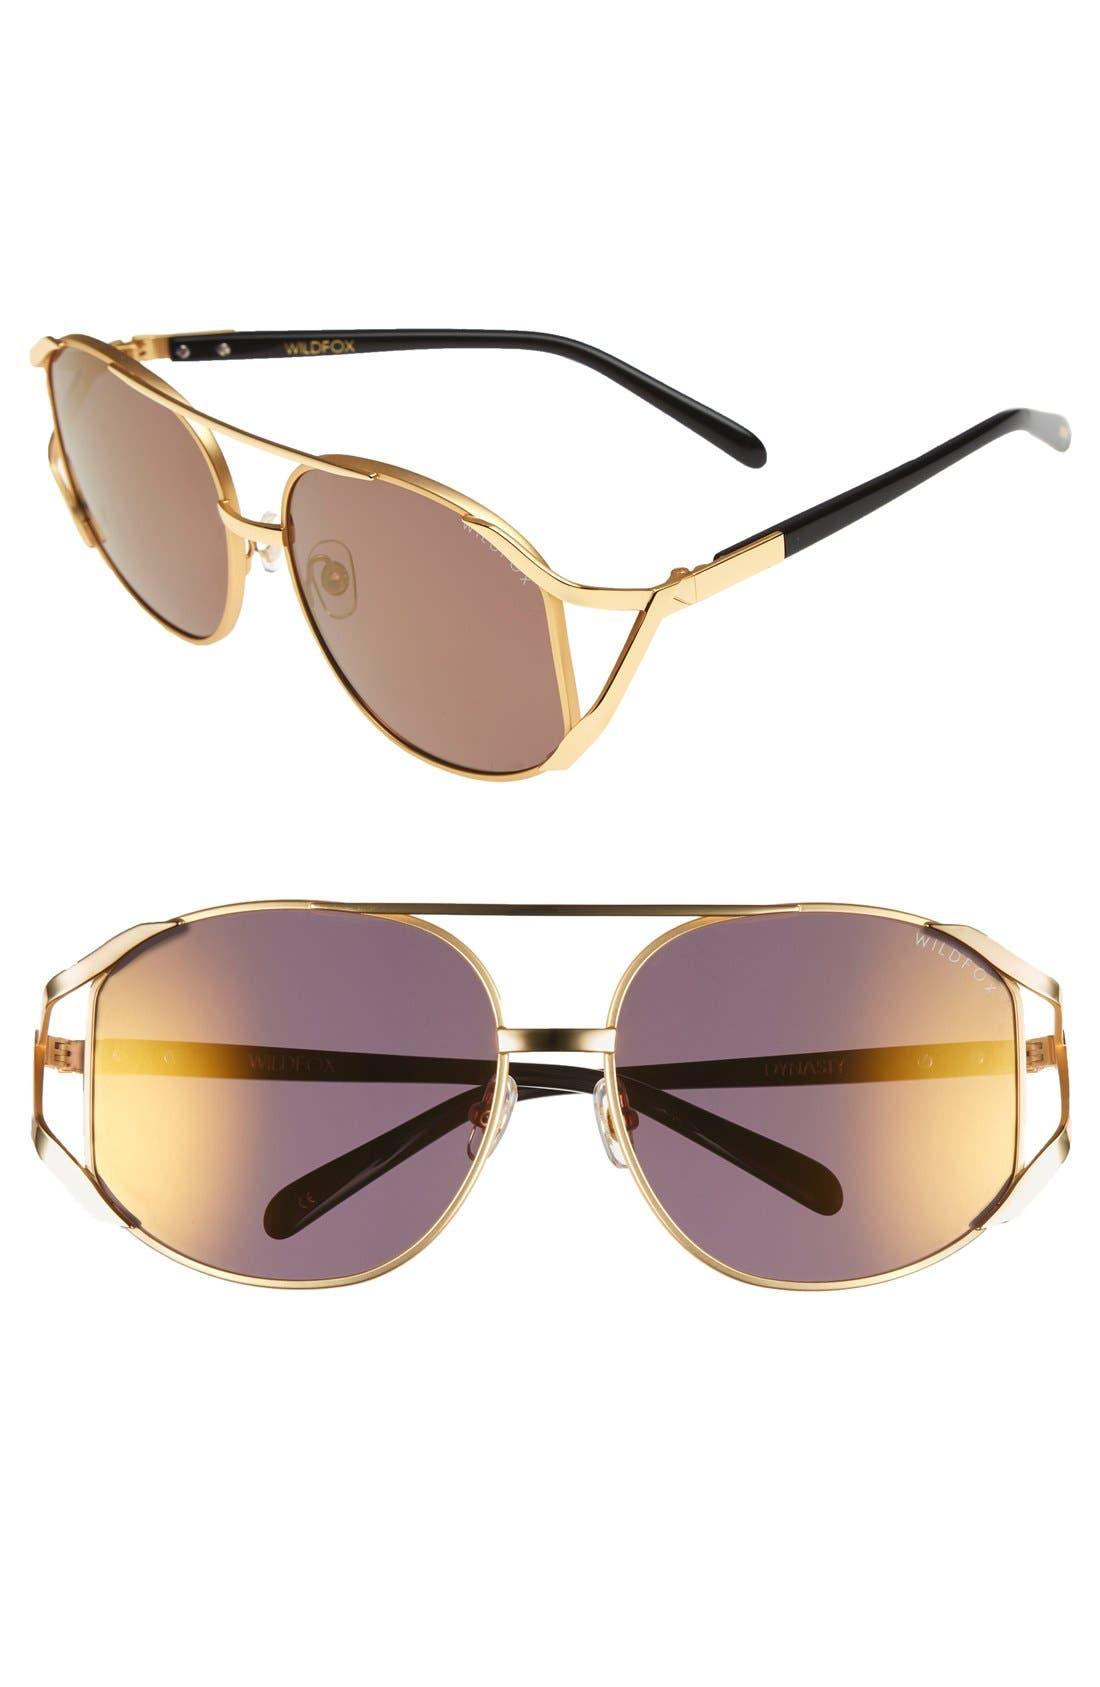 Wildfox 'Dynasty Deluxe' 59mm Retro Sunglasses